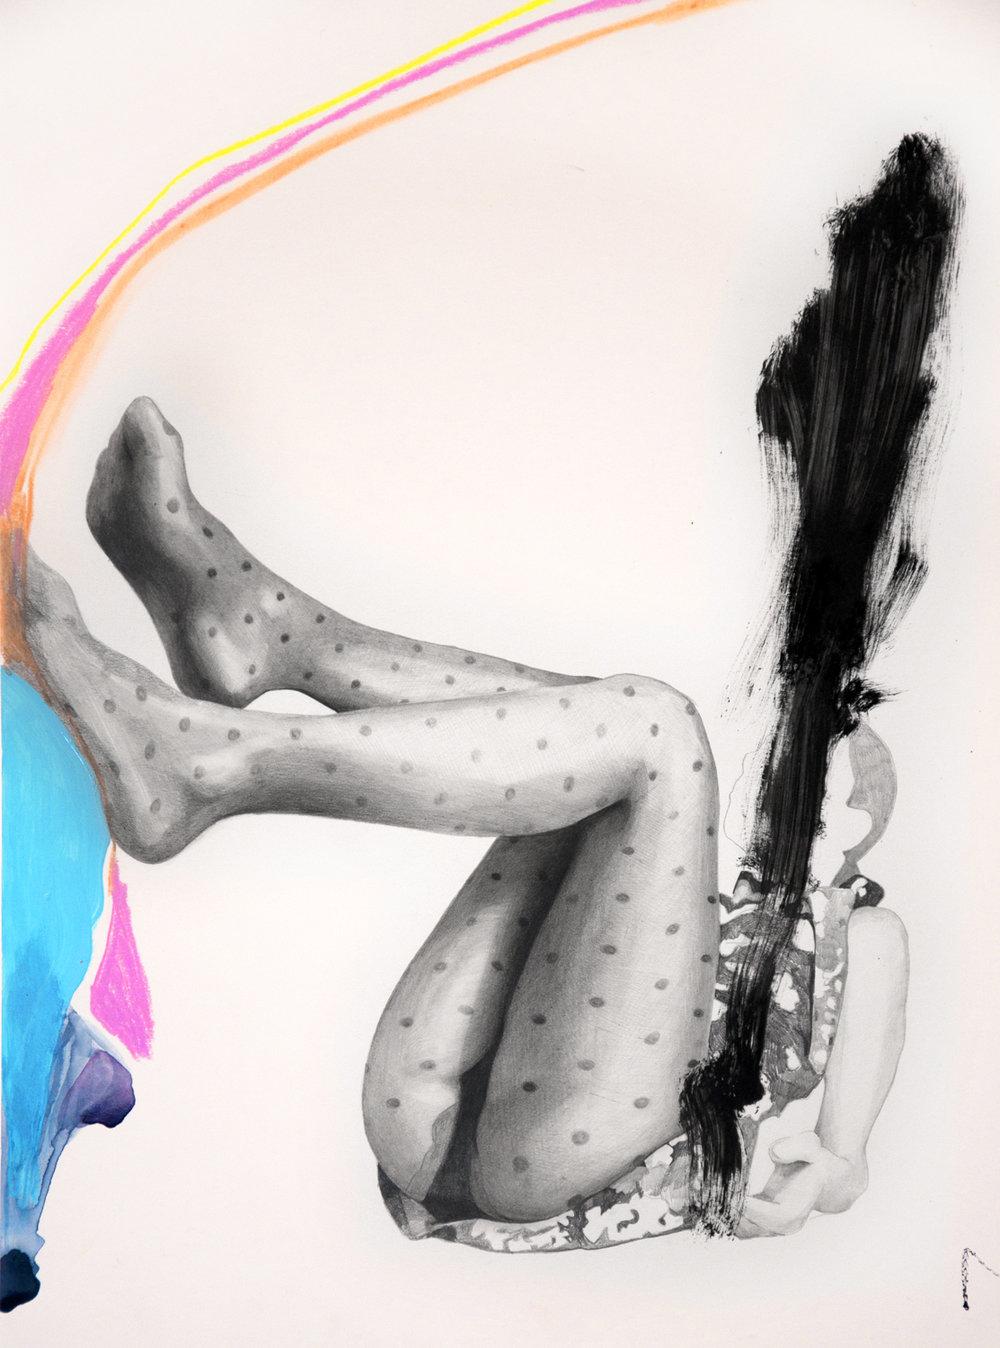 falling #8, tecnica necessaria (matite, matite colorate e smalto) su lenzuolo cm 30x40, 2016